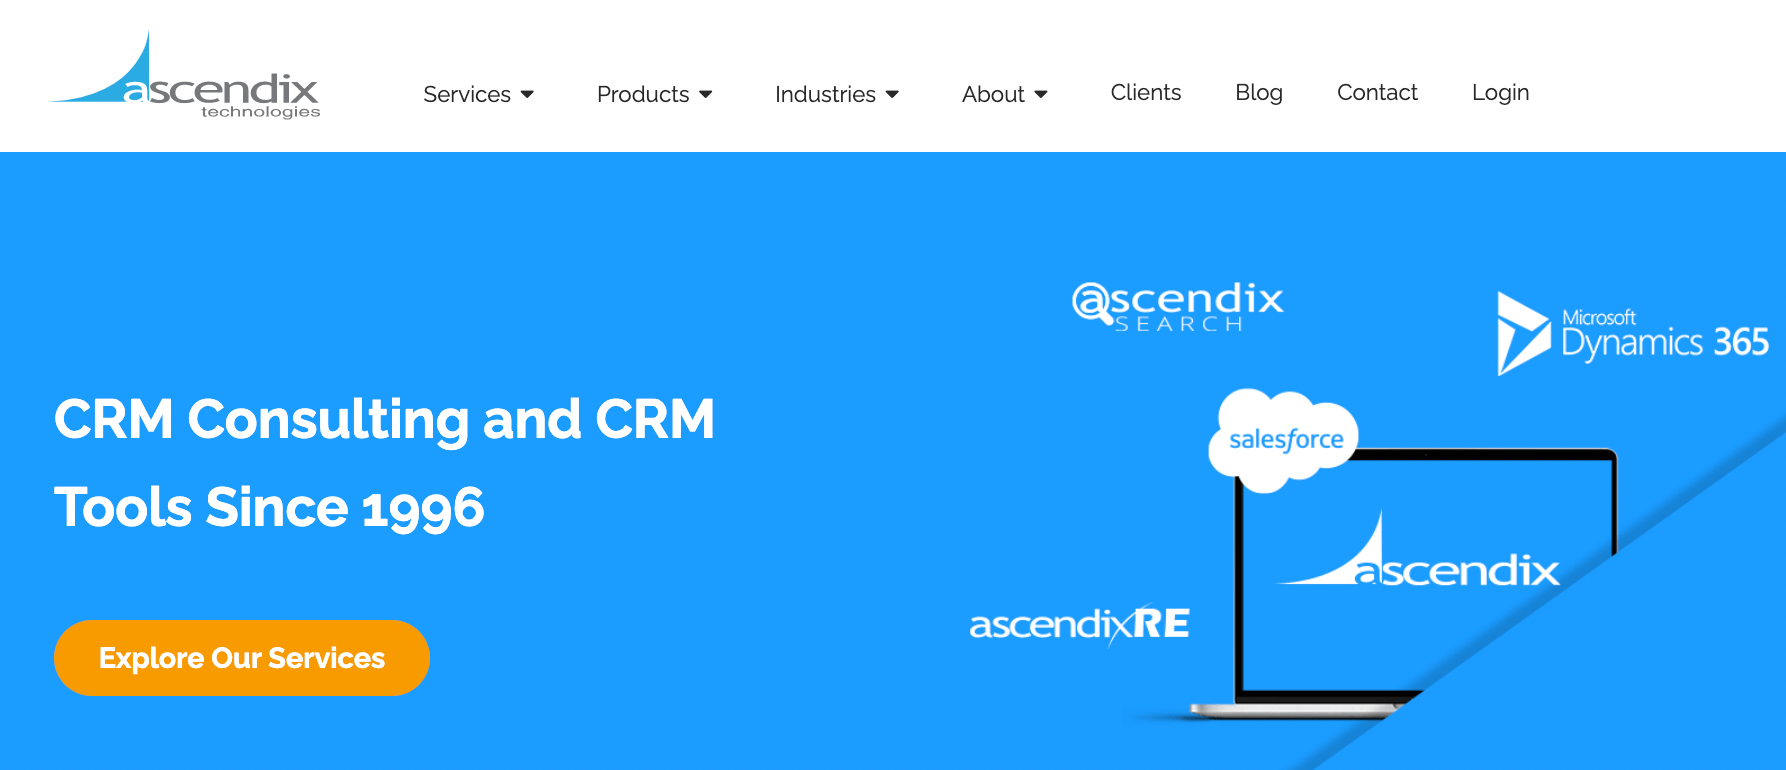 leading-proptech-companies-ascendix